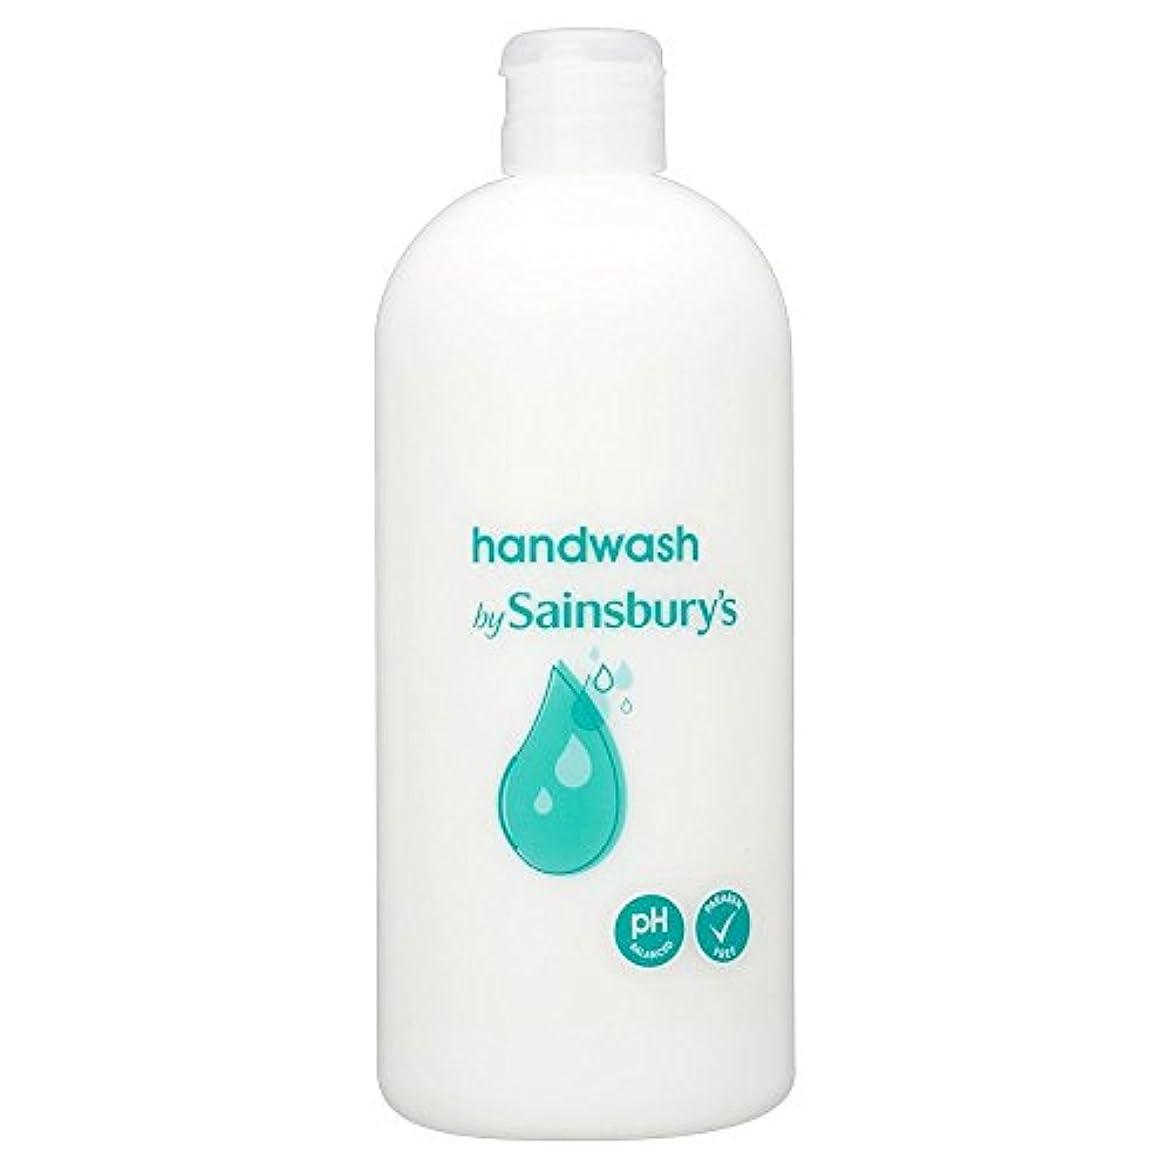 中止します失礼な有利Sainsbury's Handwash, White Refill 500ml - (Sainsbury's) 手洗い、白リフィル500ミリリットル [並行輸入品]